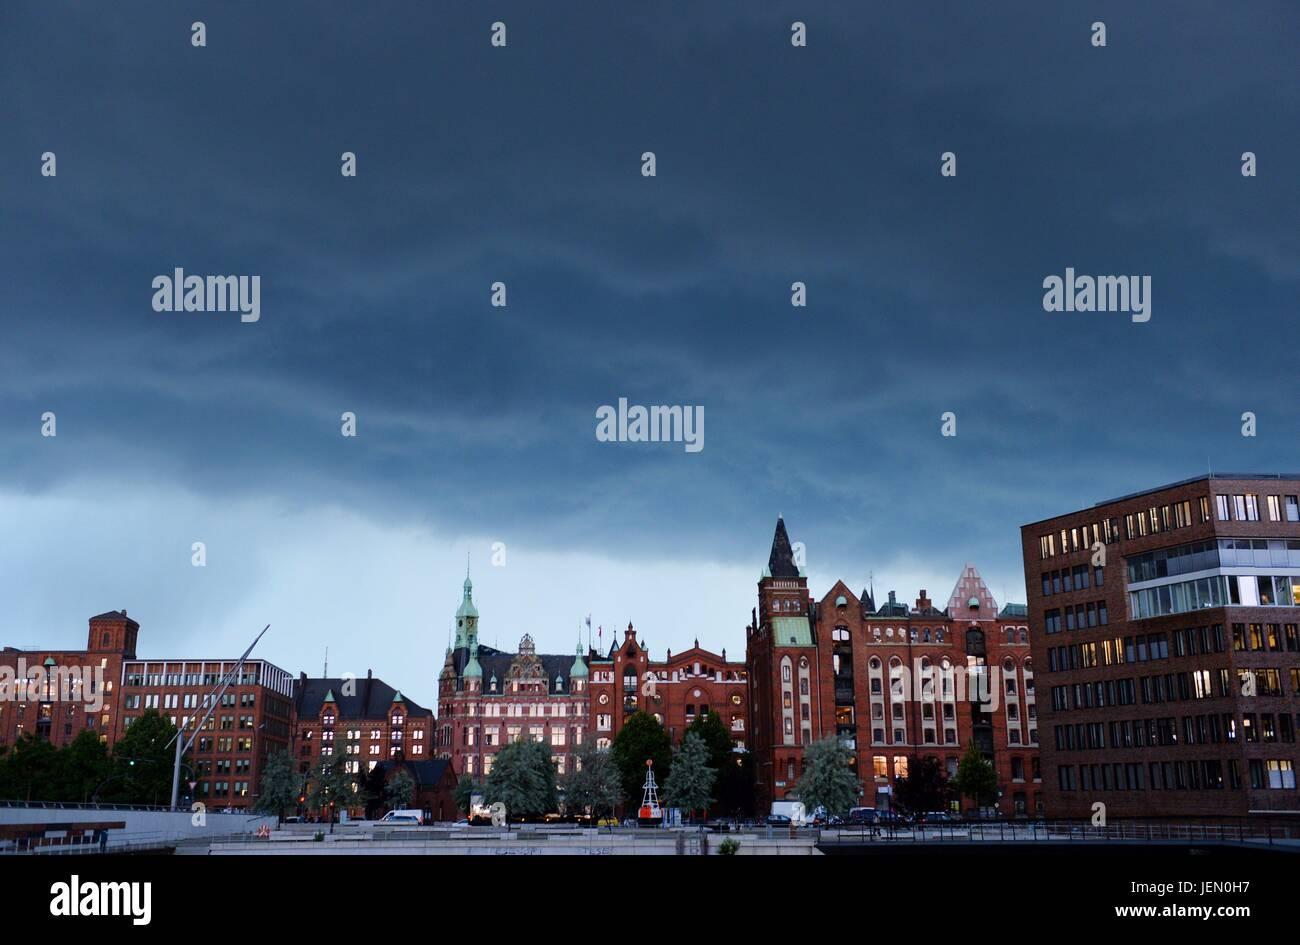 Hamburg, Germany. 22nd June, 2017. Ctyview of Hamburgf at the harbour, Germany, city of Hamburg, 22. June 2017. Stock Photo